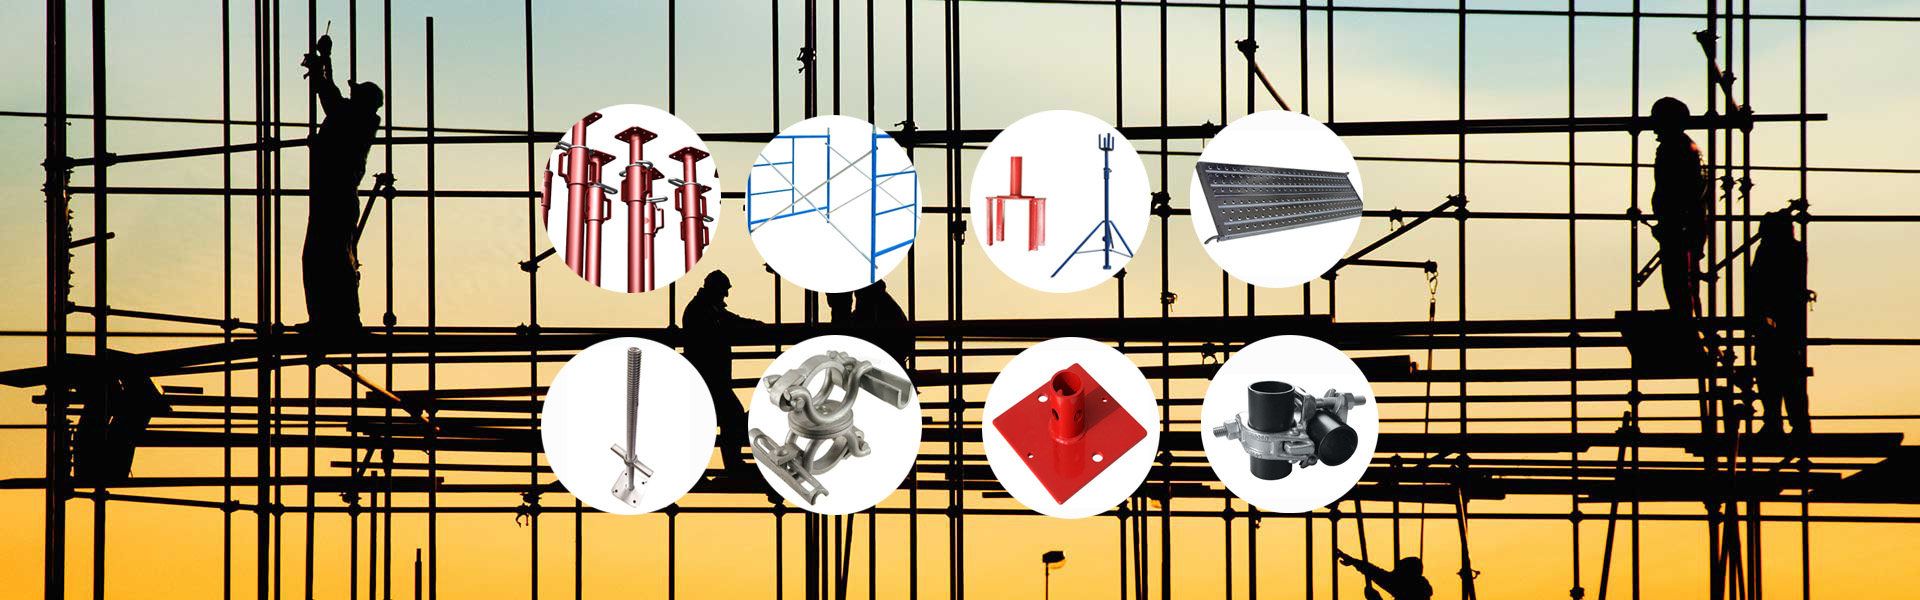 BannerScaffolding-3